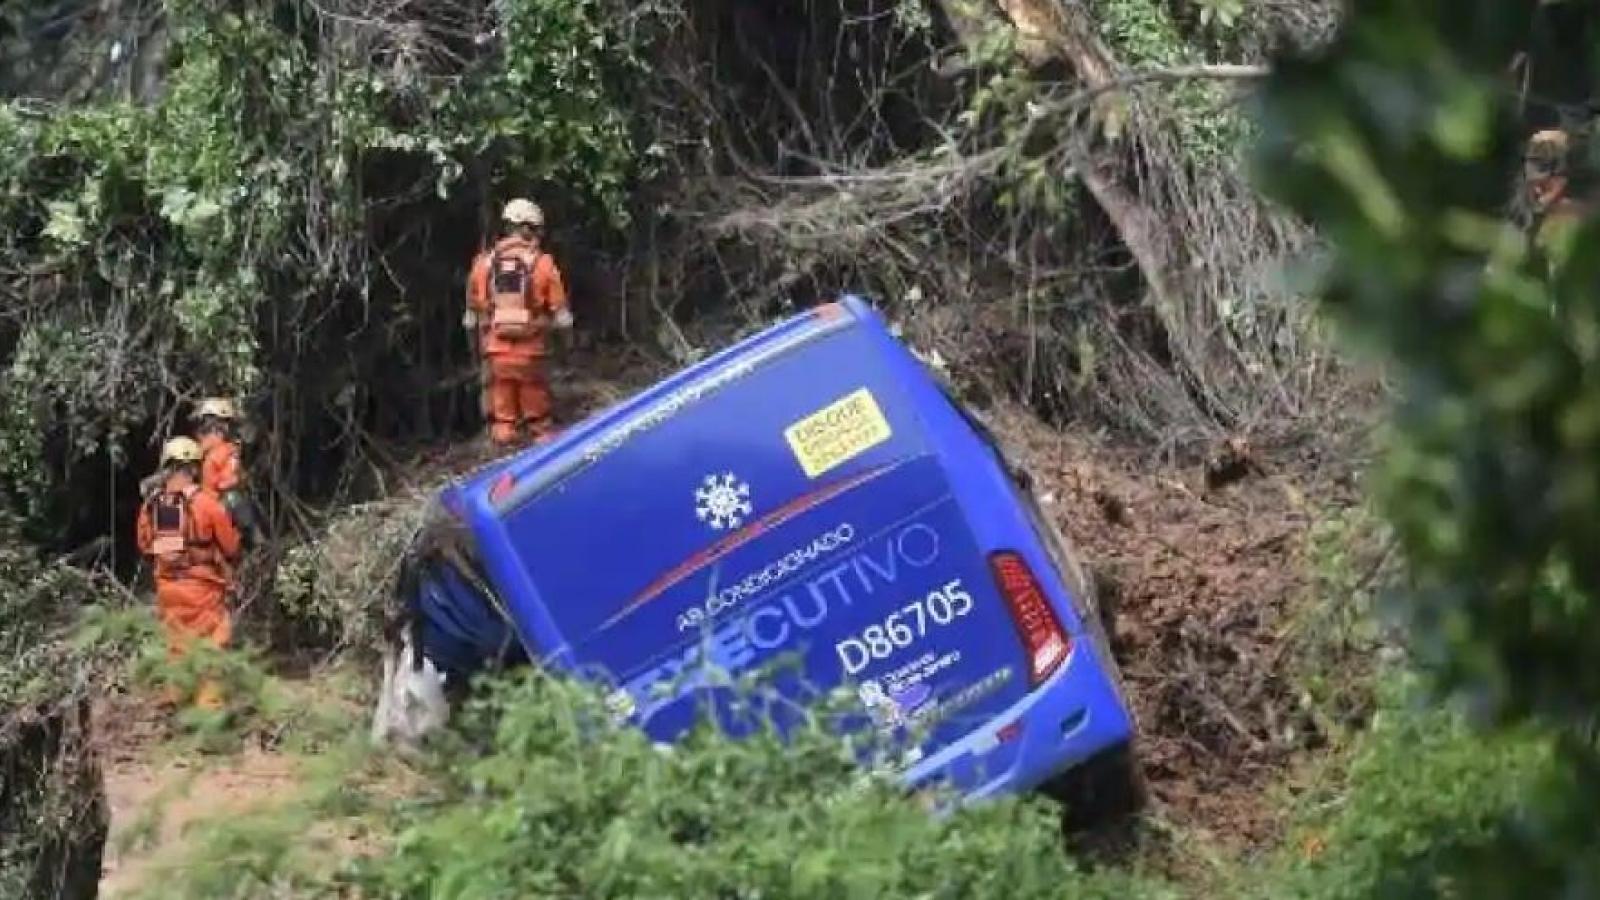 Tai nạn giao thông nghiêm trọng ở Brazil khiến ít nhất 40 người thiệt mạng